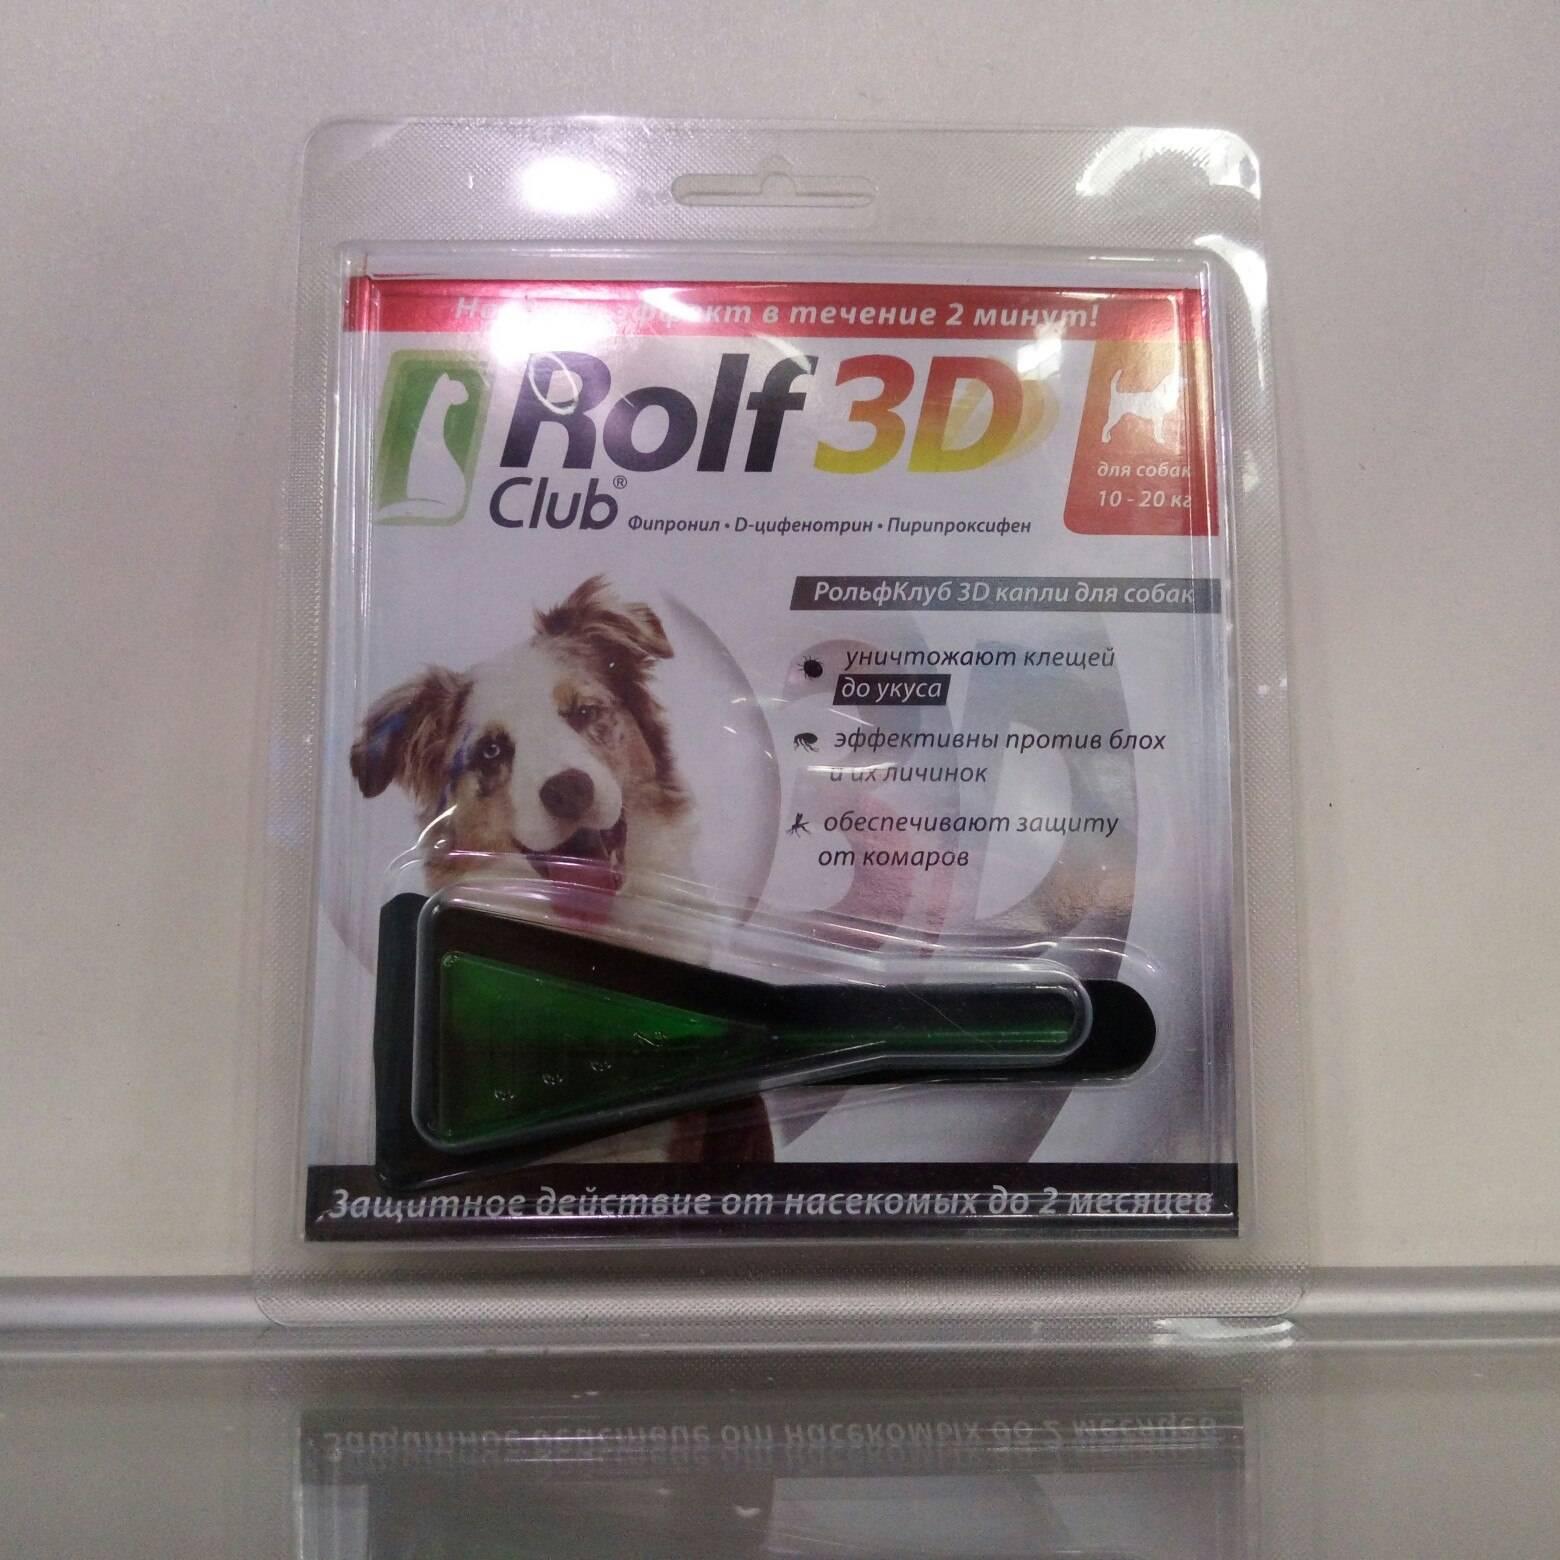 Рольф клаб 3д для собак: показания и инструкция по применению, отзывы, цена